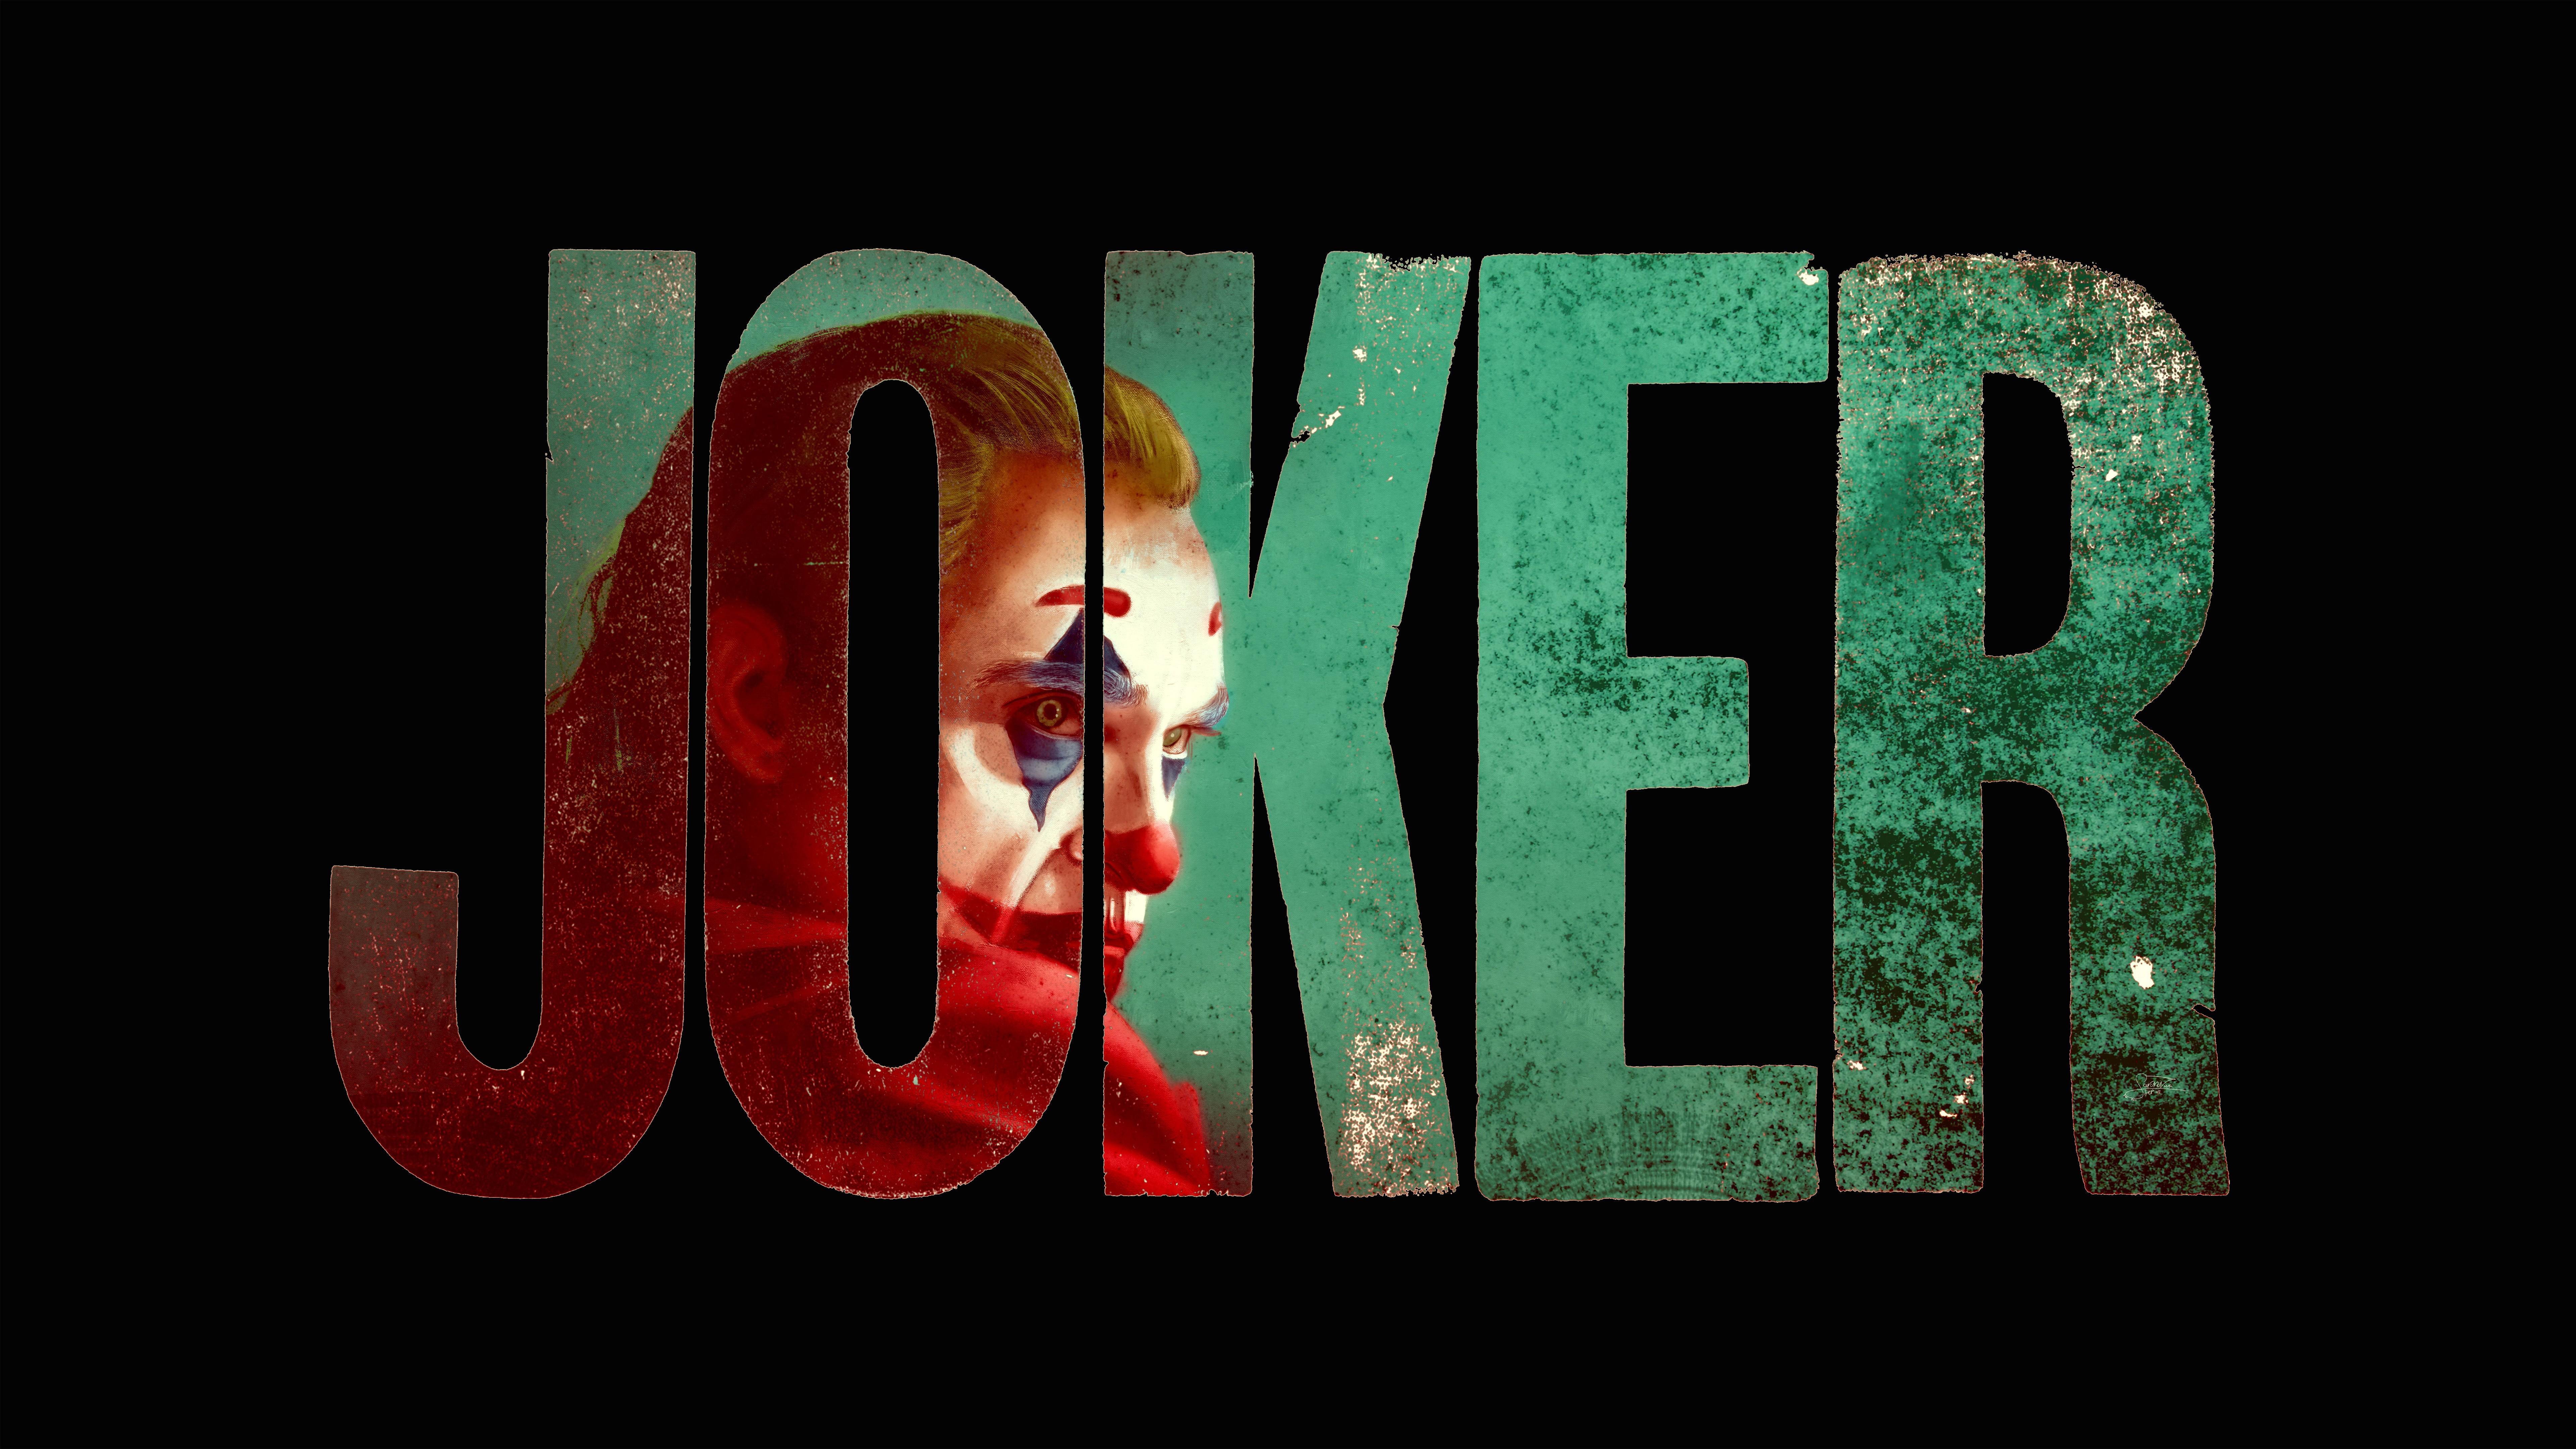 Fondos de pantalla Logo de Joker